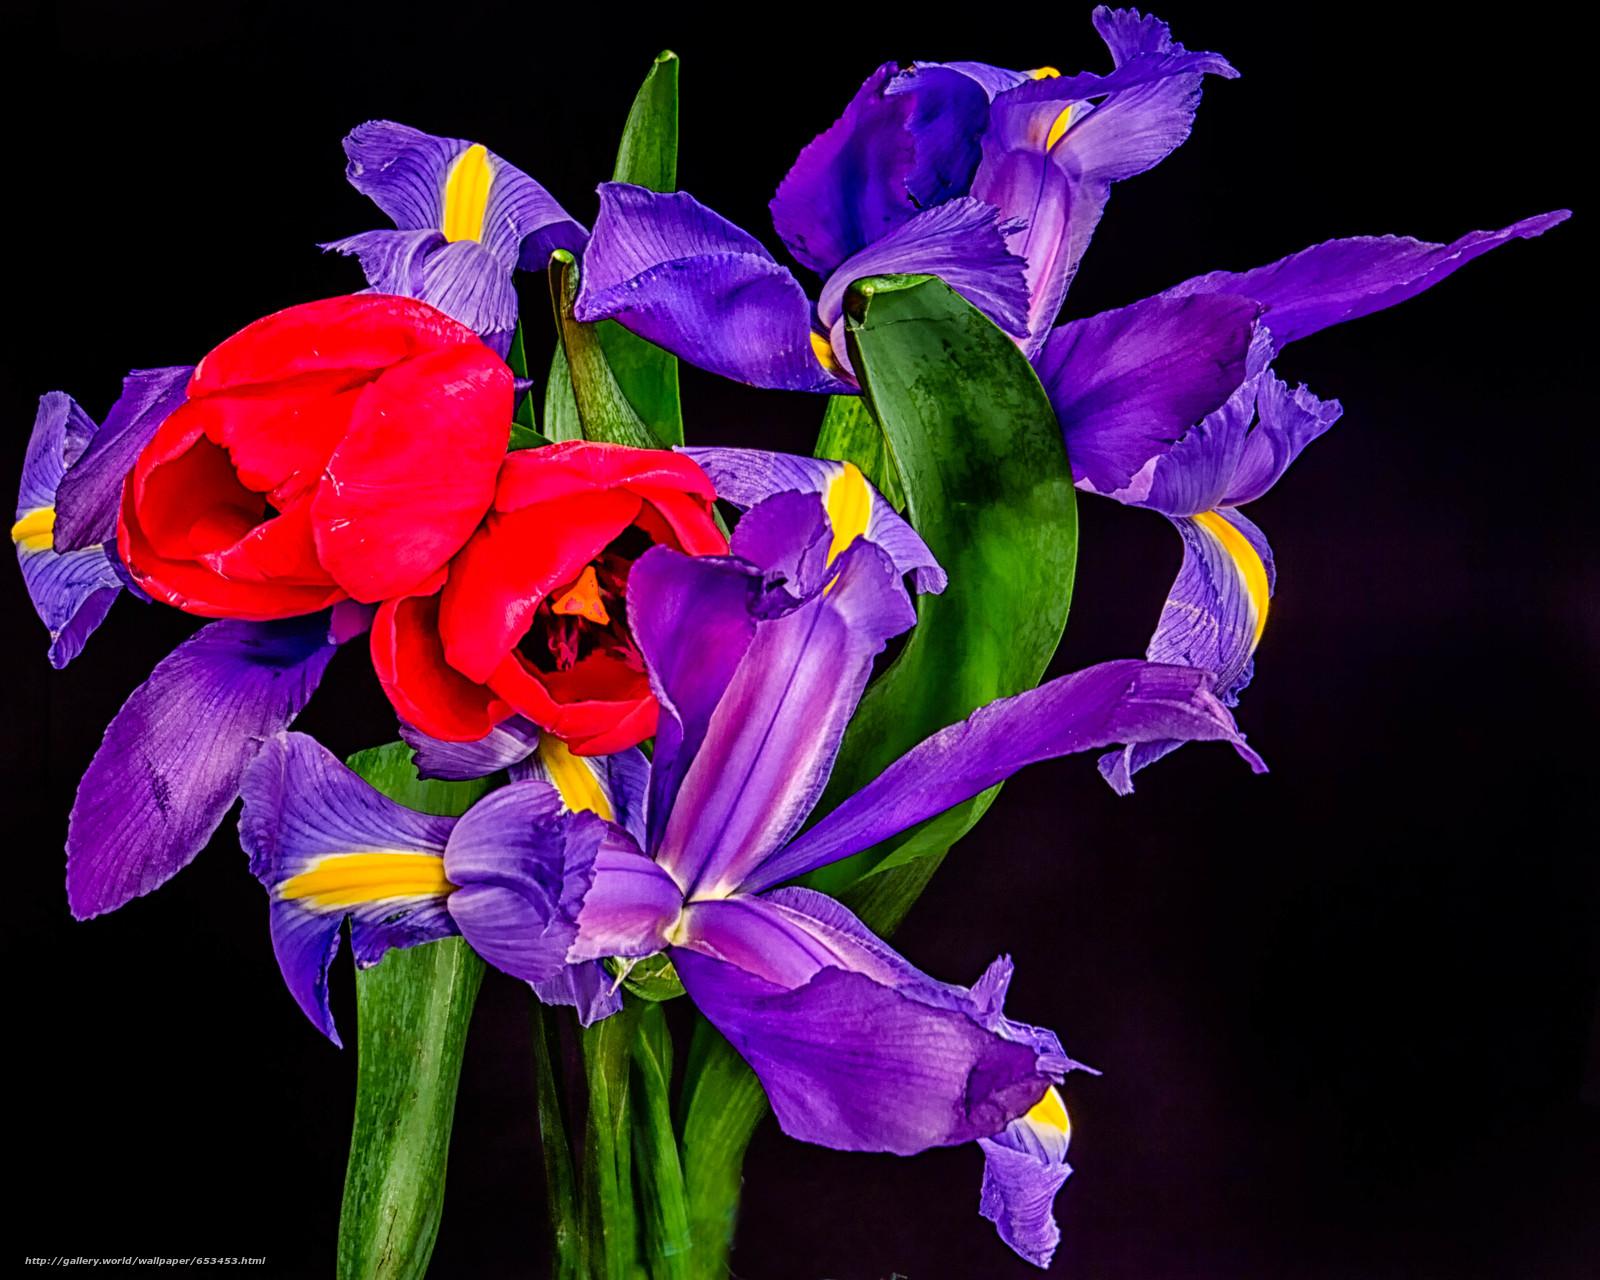 Скачать обои цветы,  цветок,  макро,  красивый цветок бесплатно для рабочего стола в разрешении 4073x3258 — картинка №653453